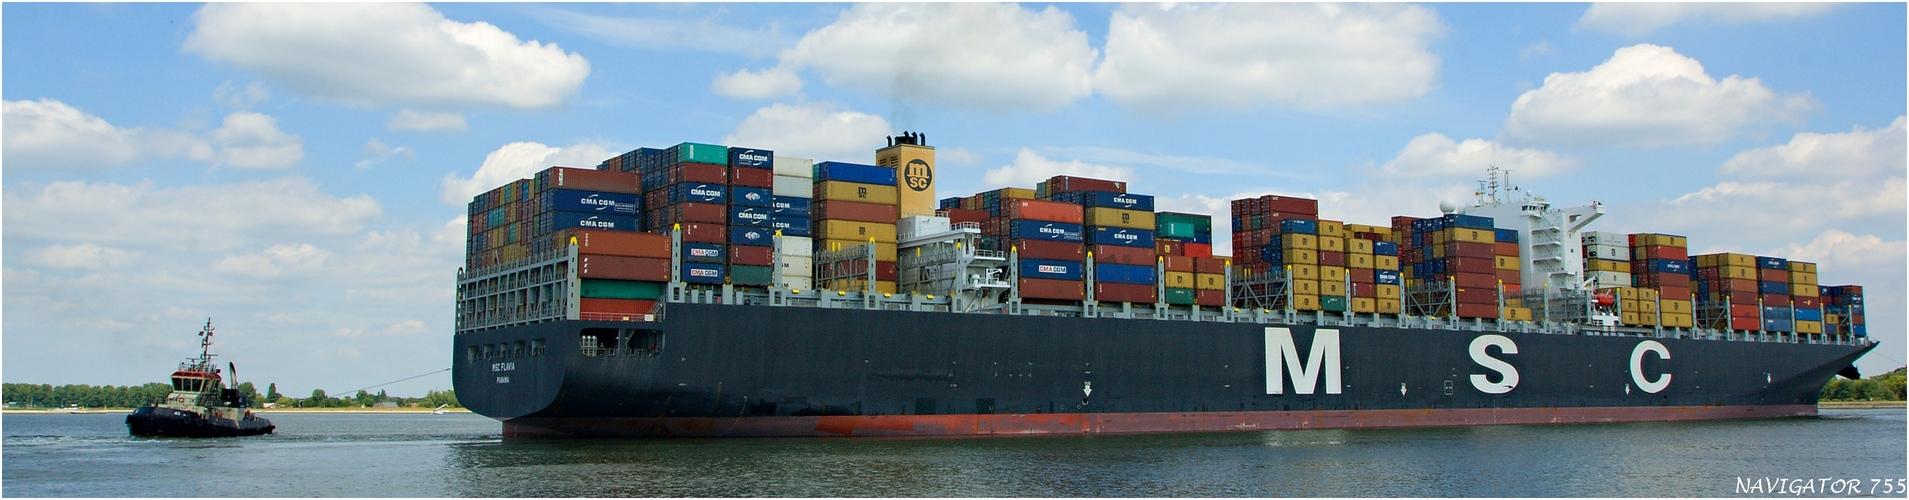 Hafen Antwerpen (15) Bitte crolen!